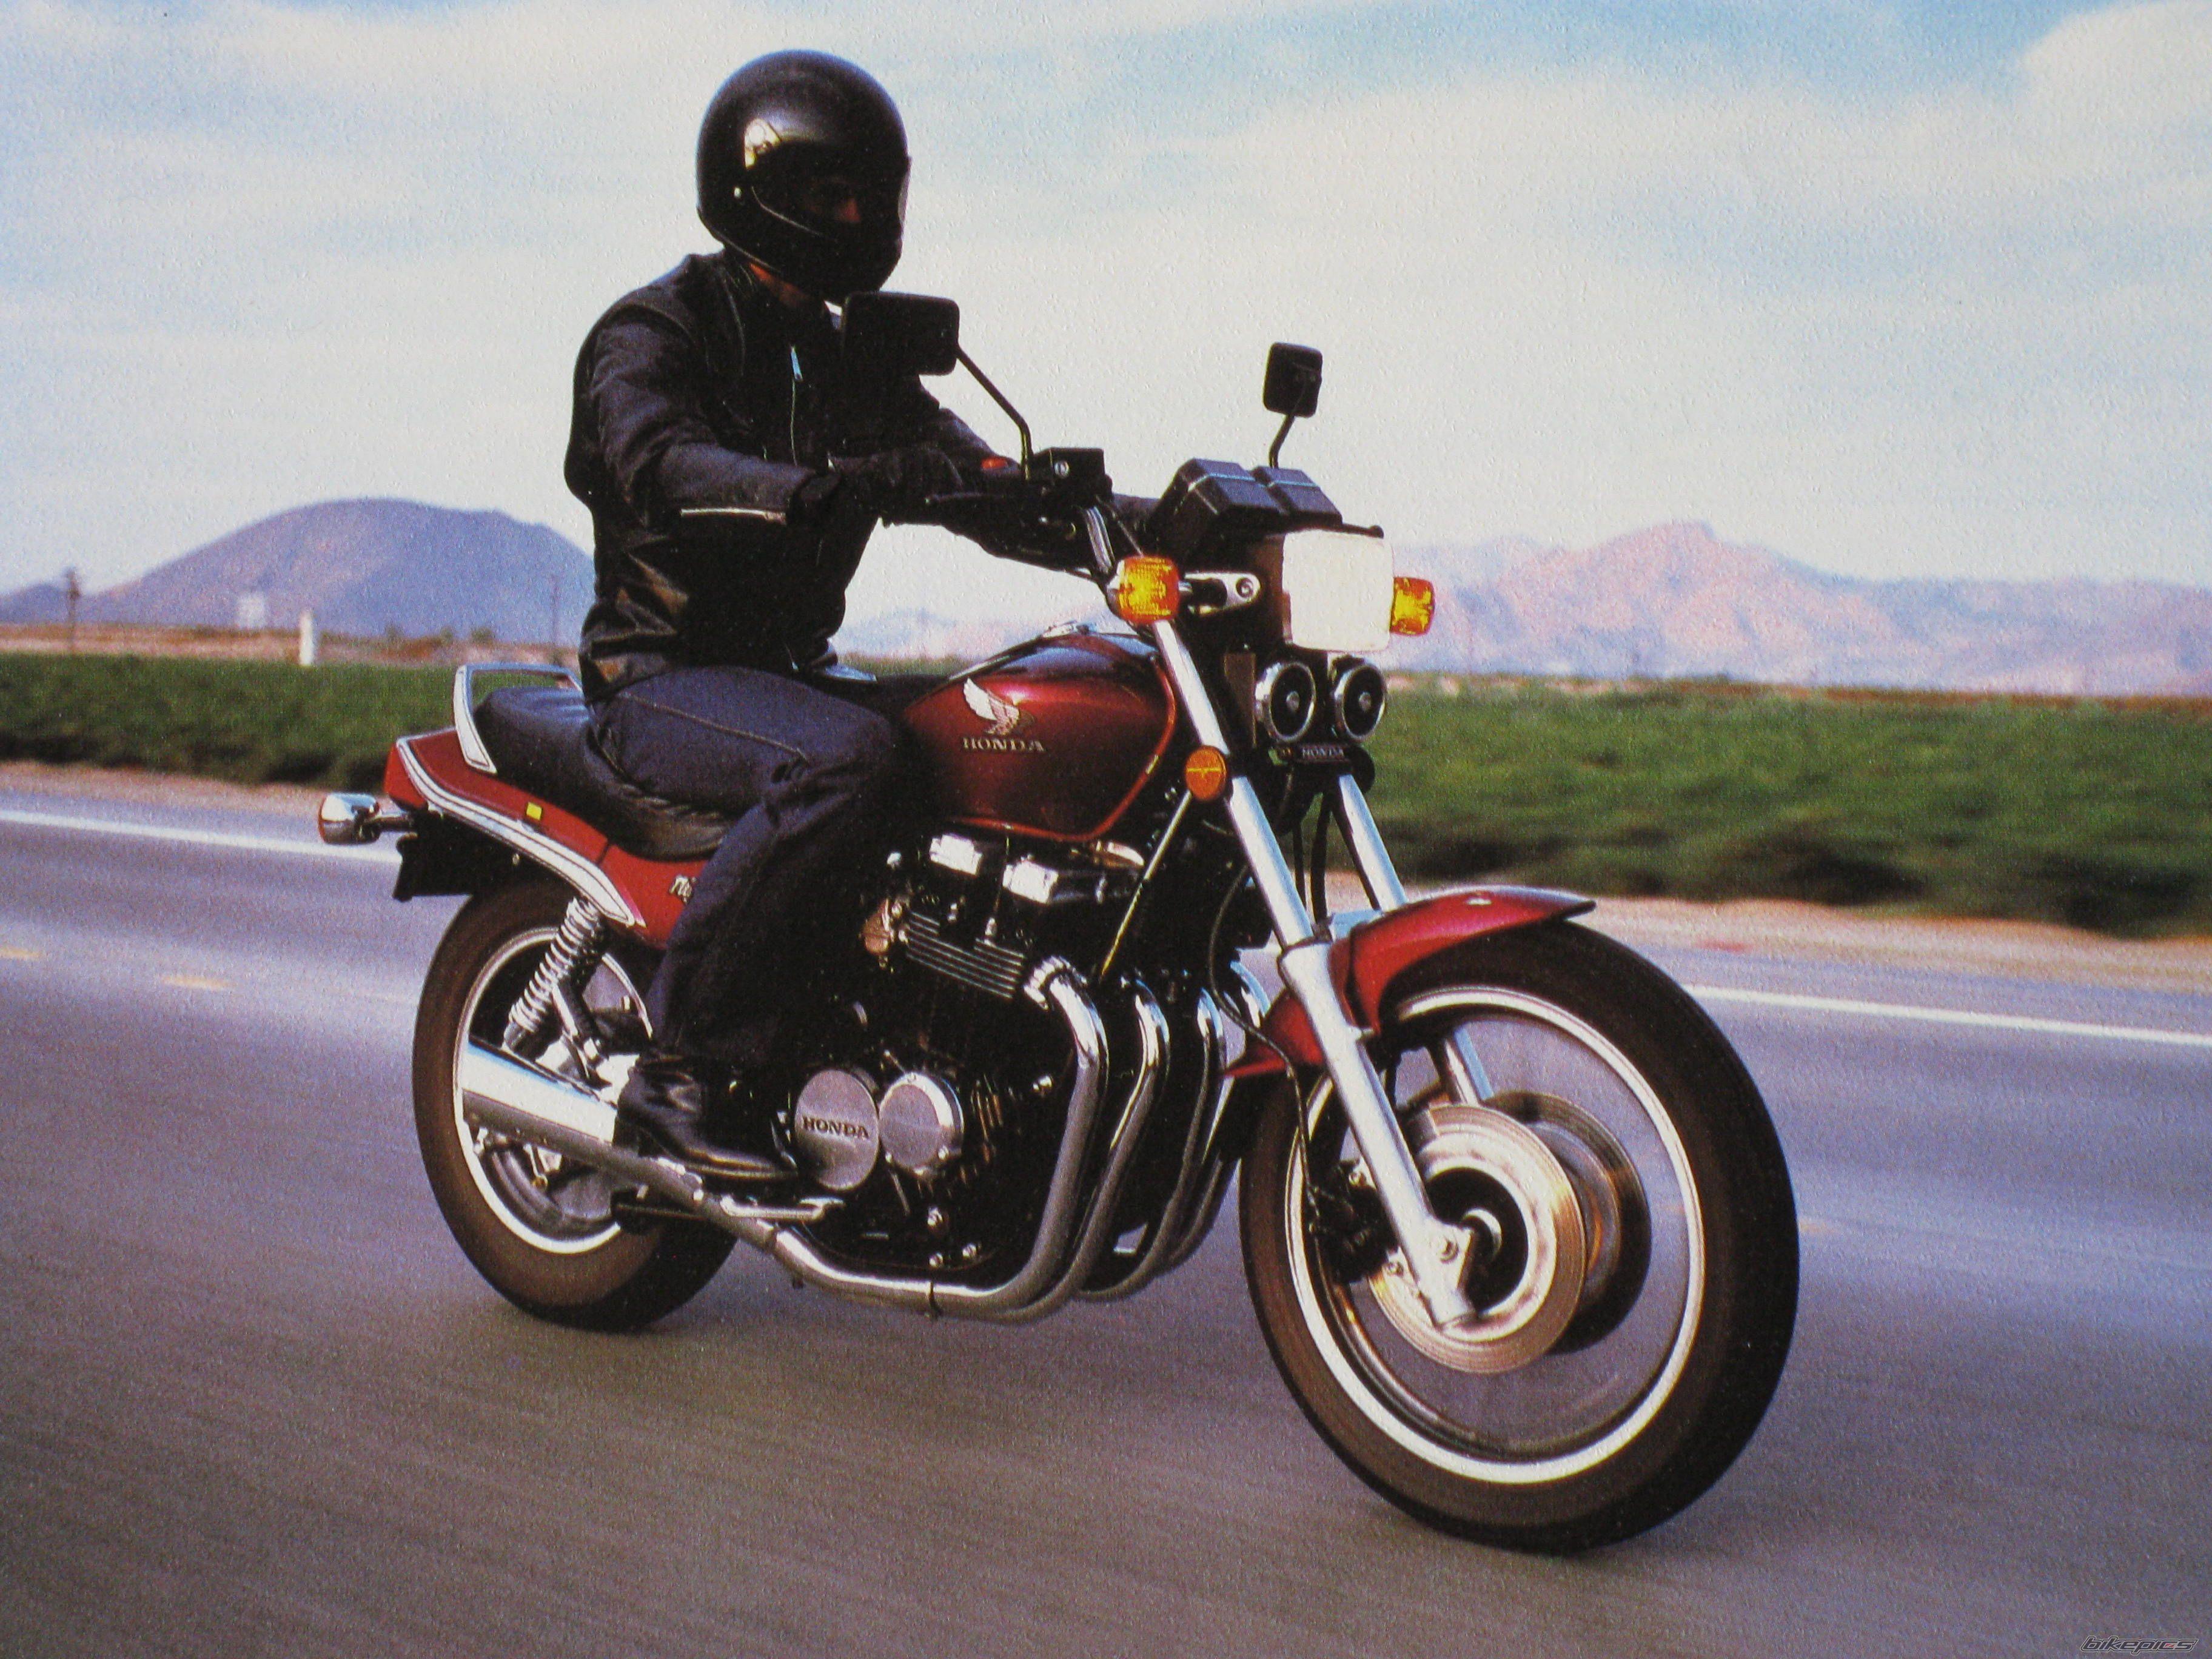 1983 Honda Nighthawk 650 | 1983 Honda Nighthawk 650